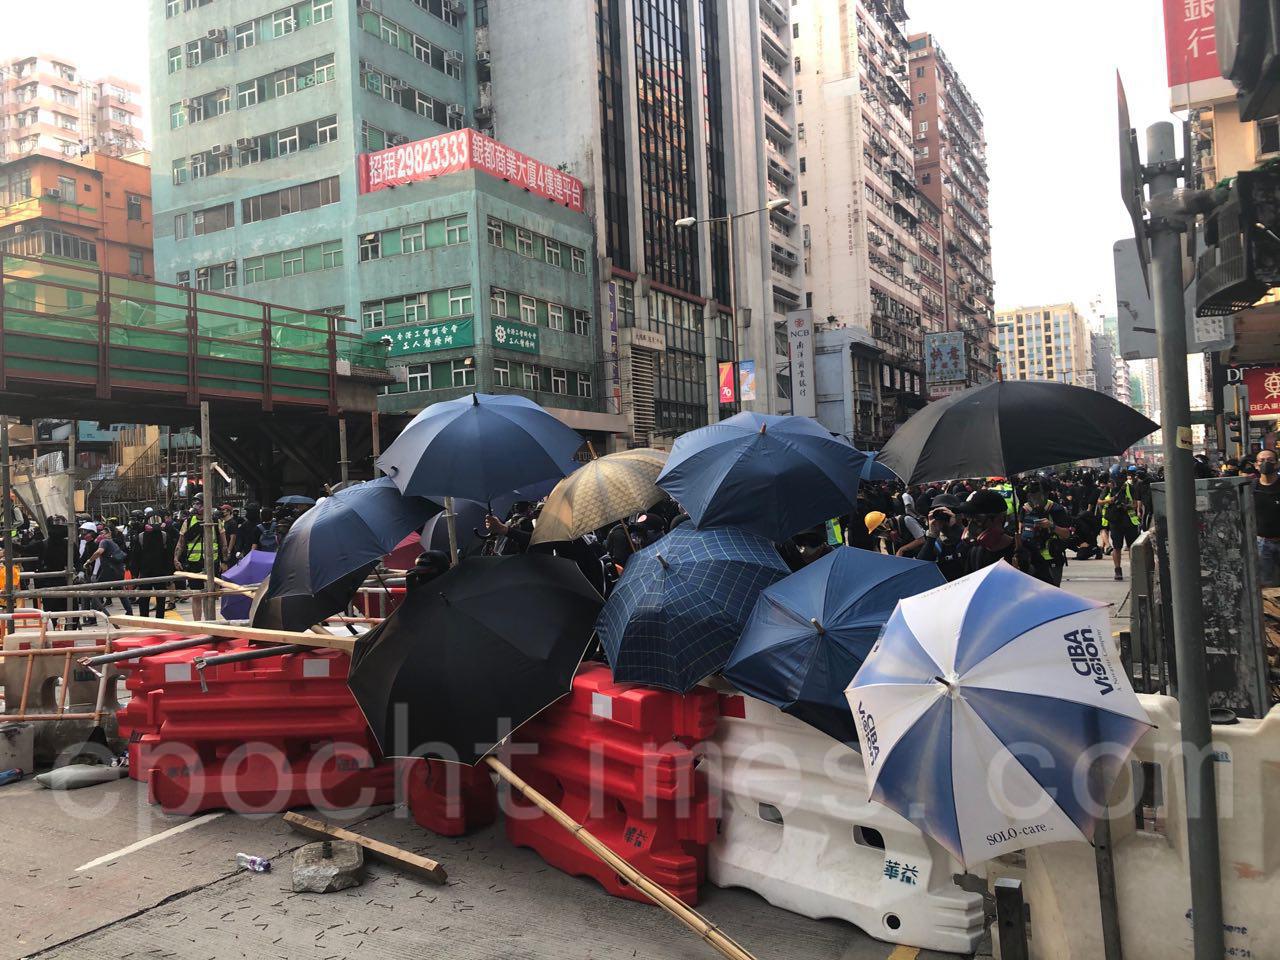 10月20日,在催淚彈和水炮車的噴射下, 35萬港人遊行反惡法 促重組警隊。(余天佑/大紀元)